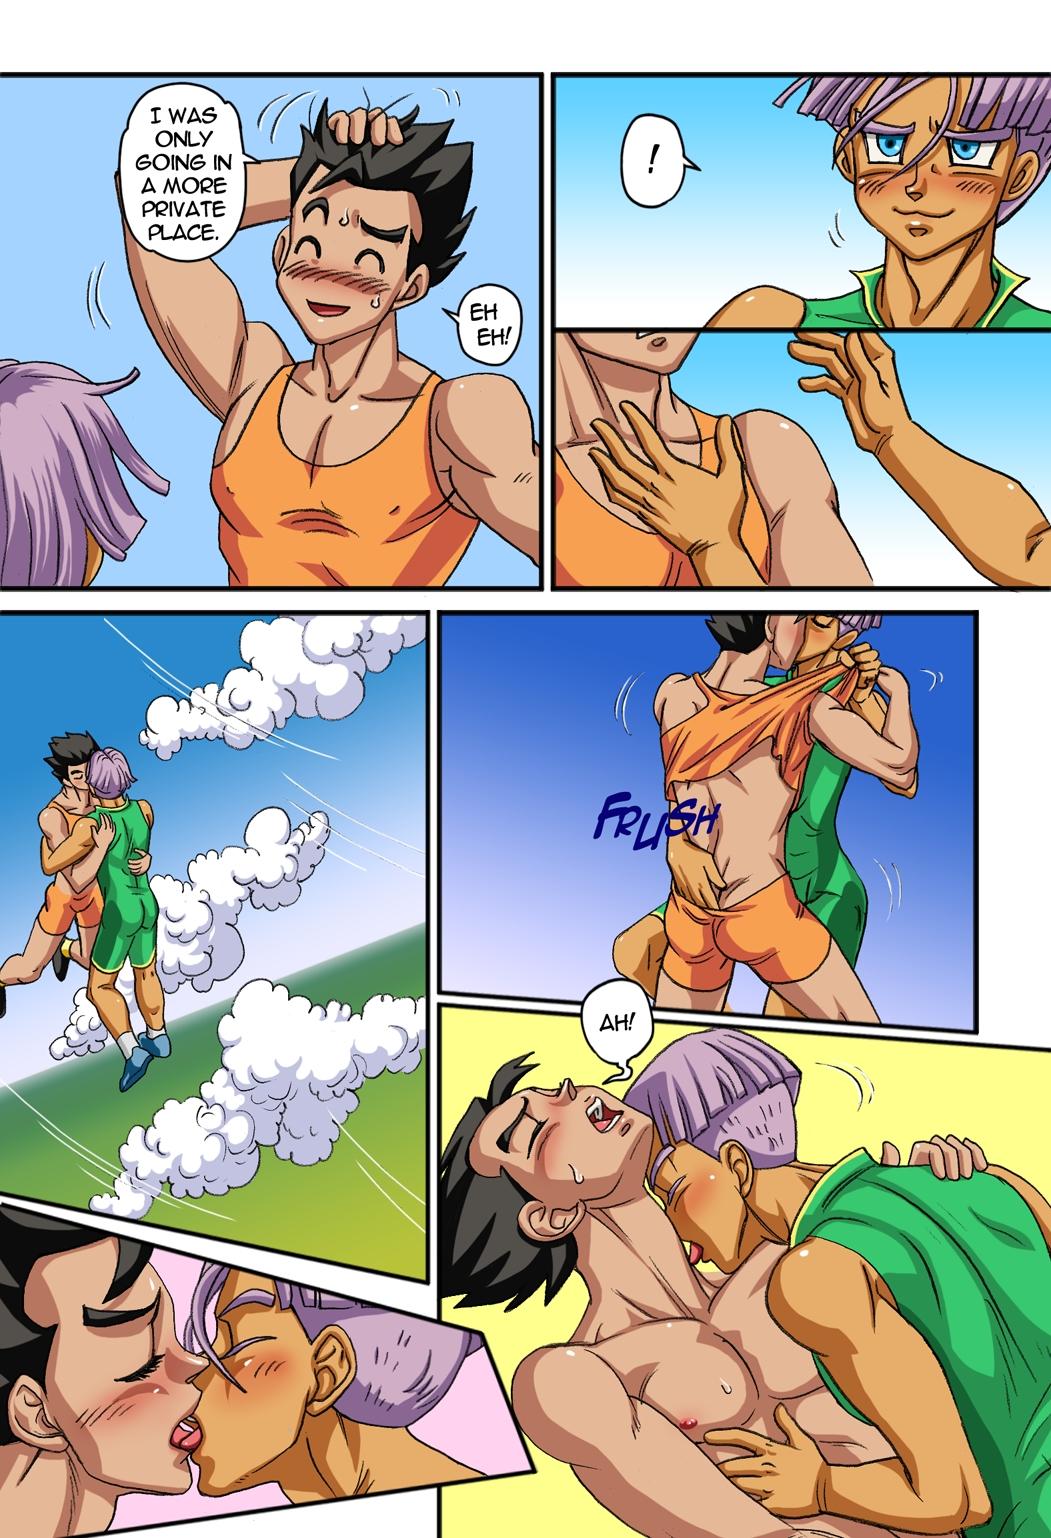 Gay cartoon anime porn